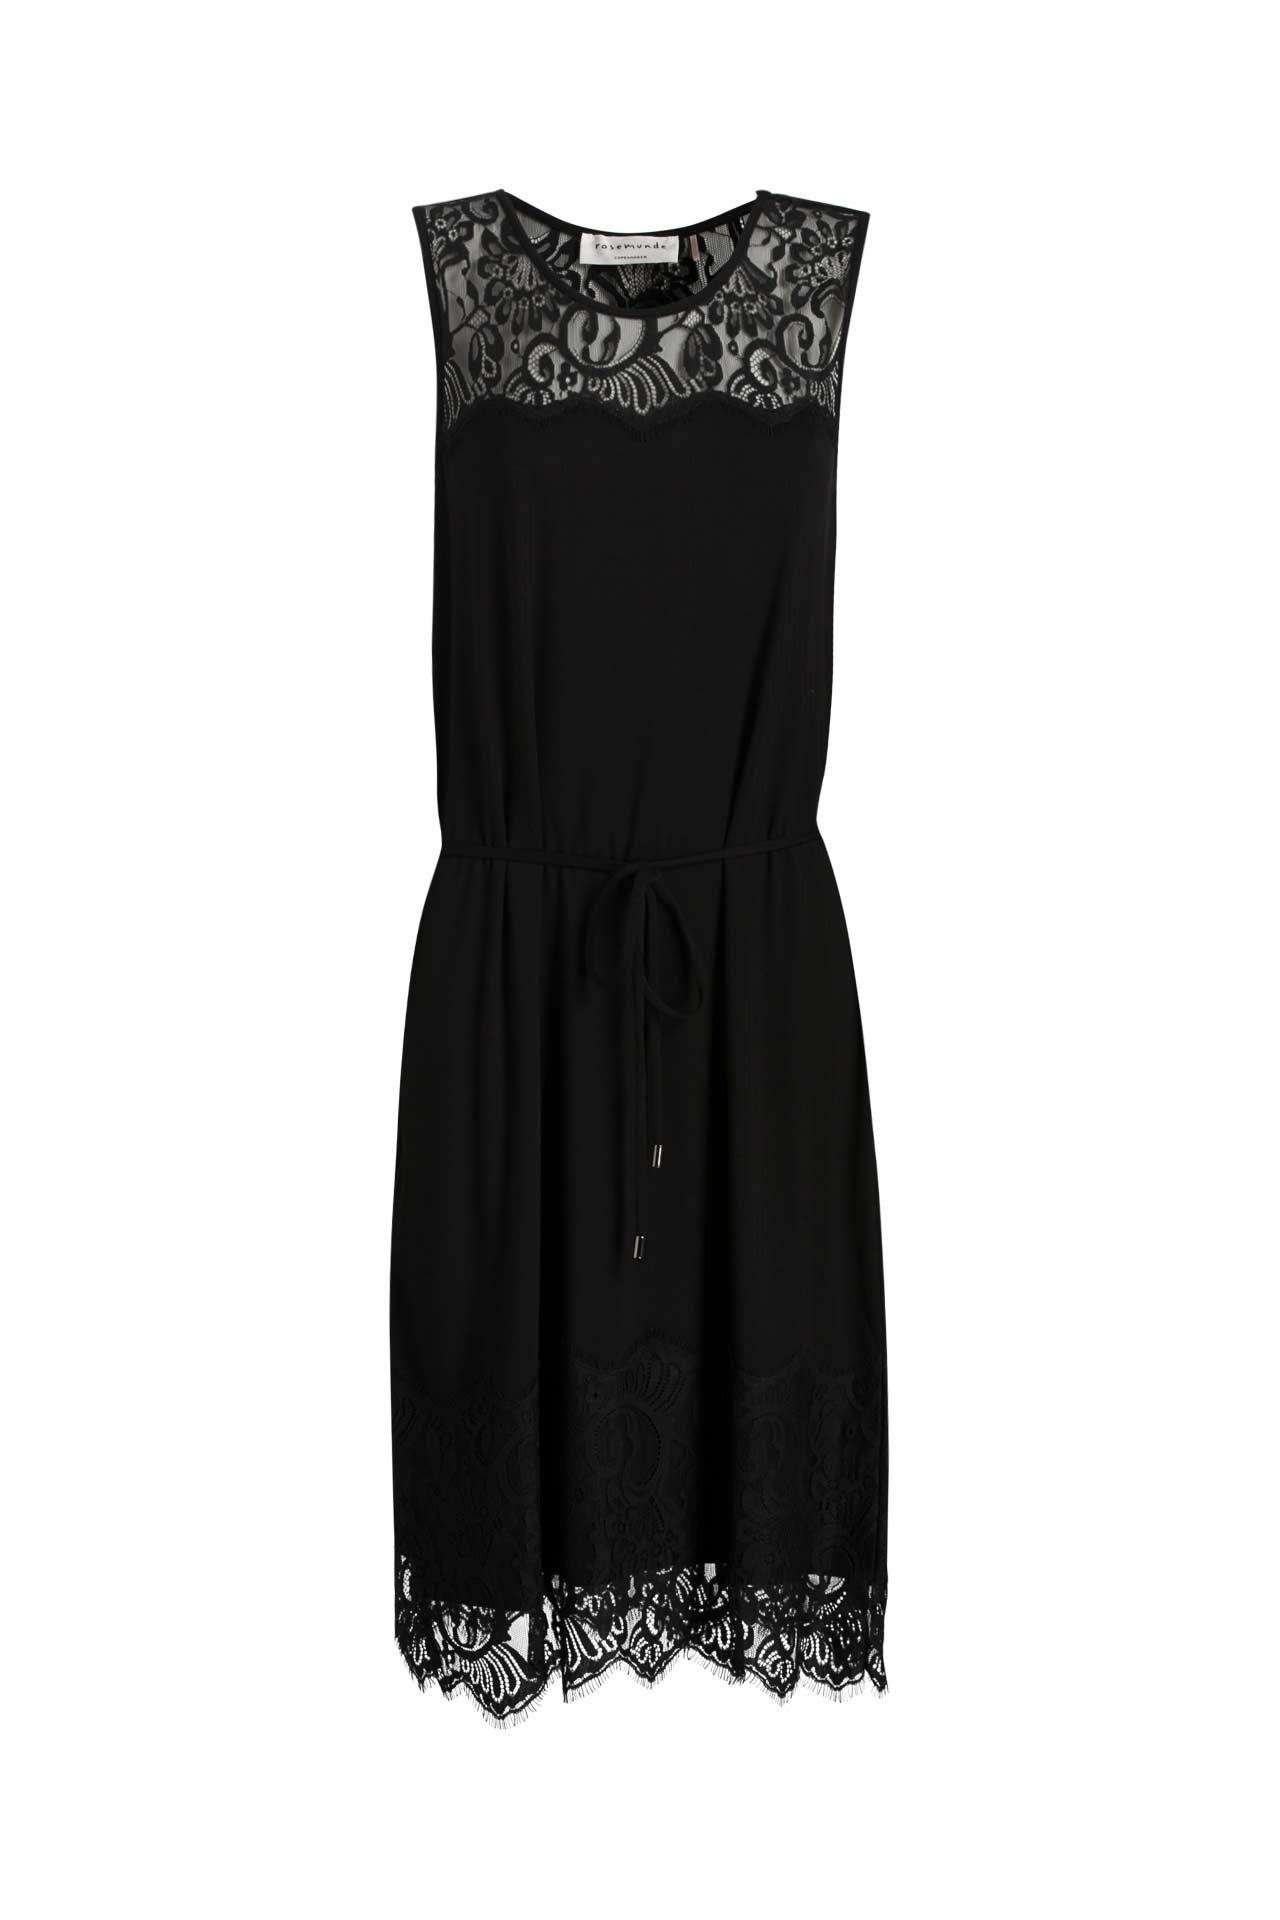 Jerseykleid Schwarz  Rosemunde » Günstig Online Kaufen